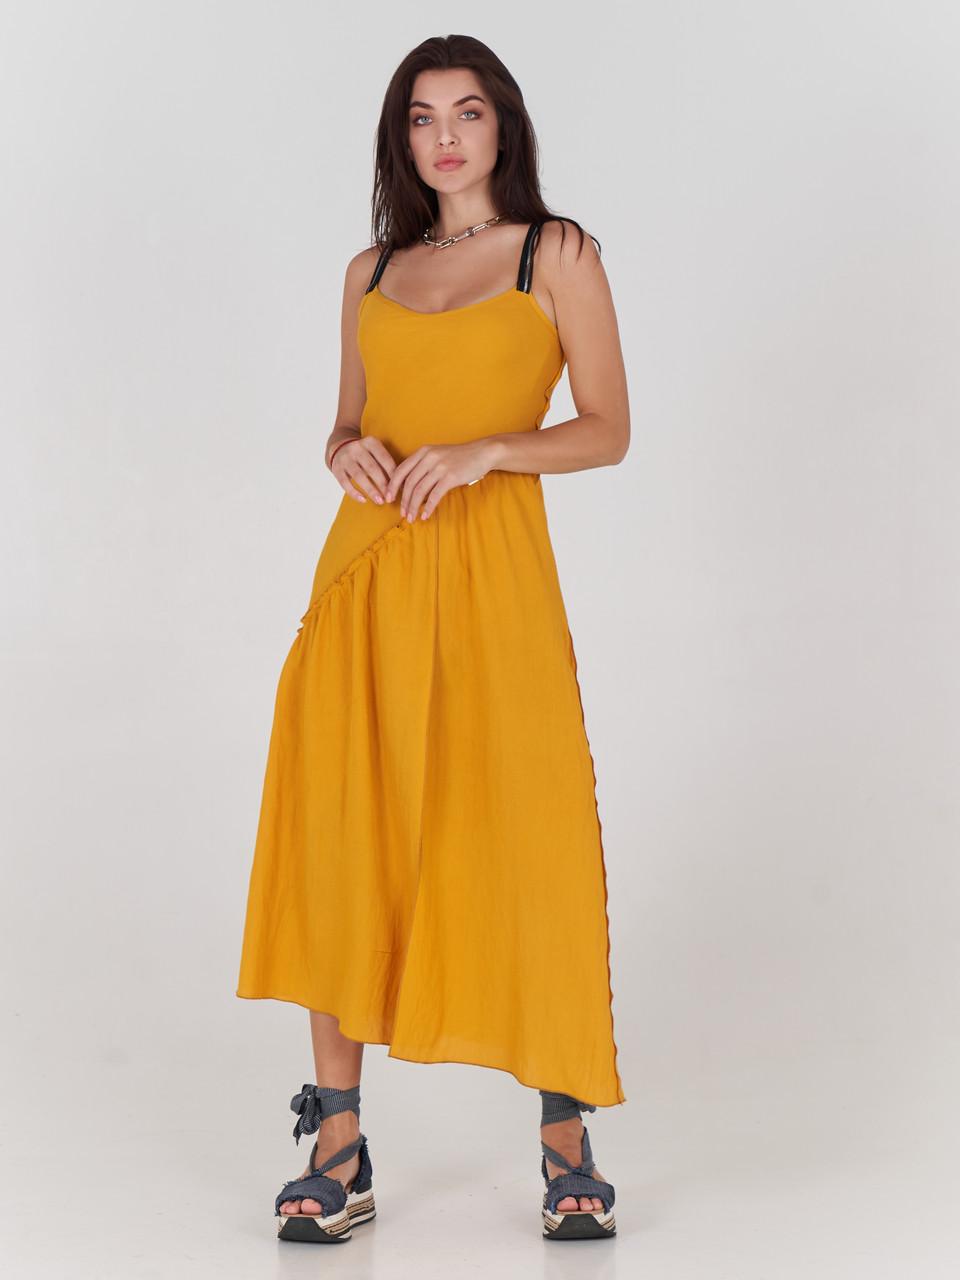 Жіночий сарафан жовтий з льону двосторонній SOLH MKSH2494